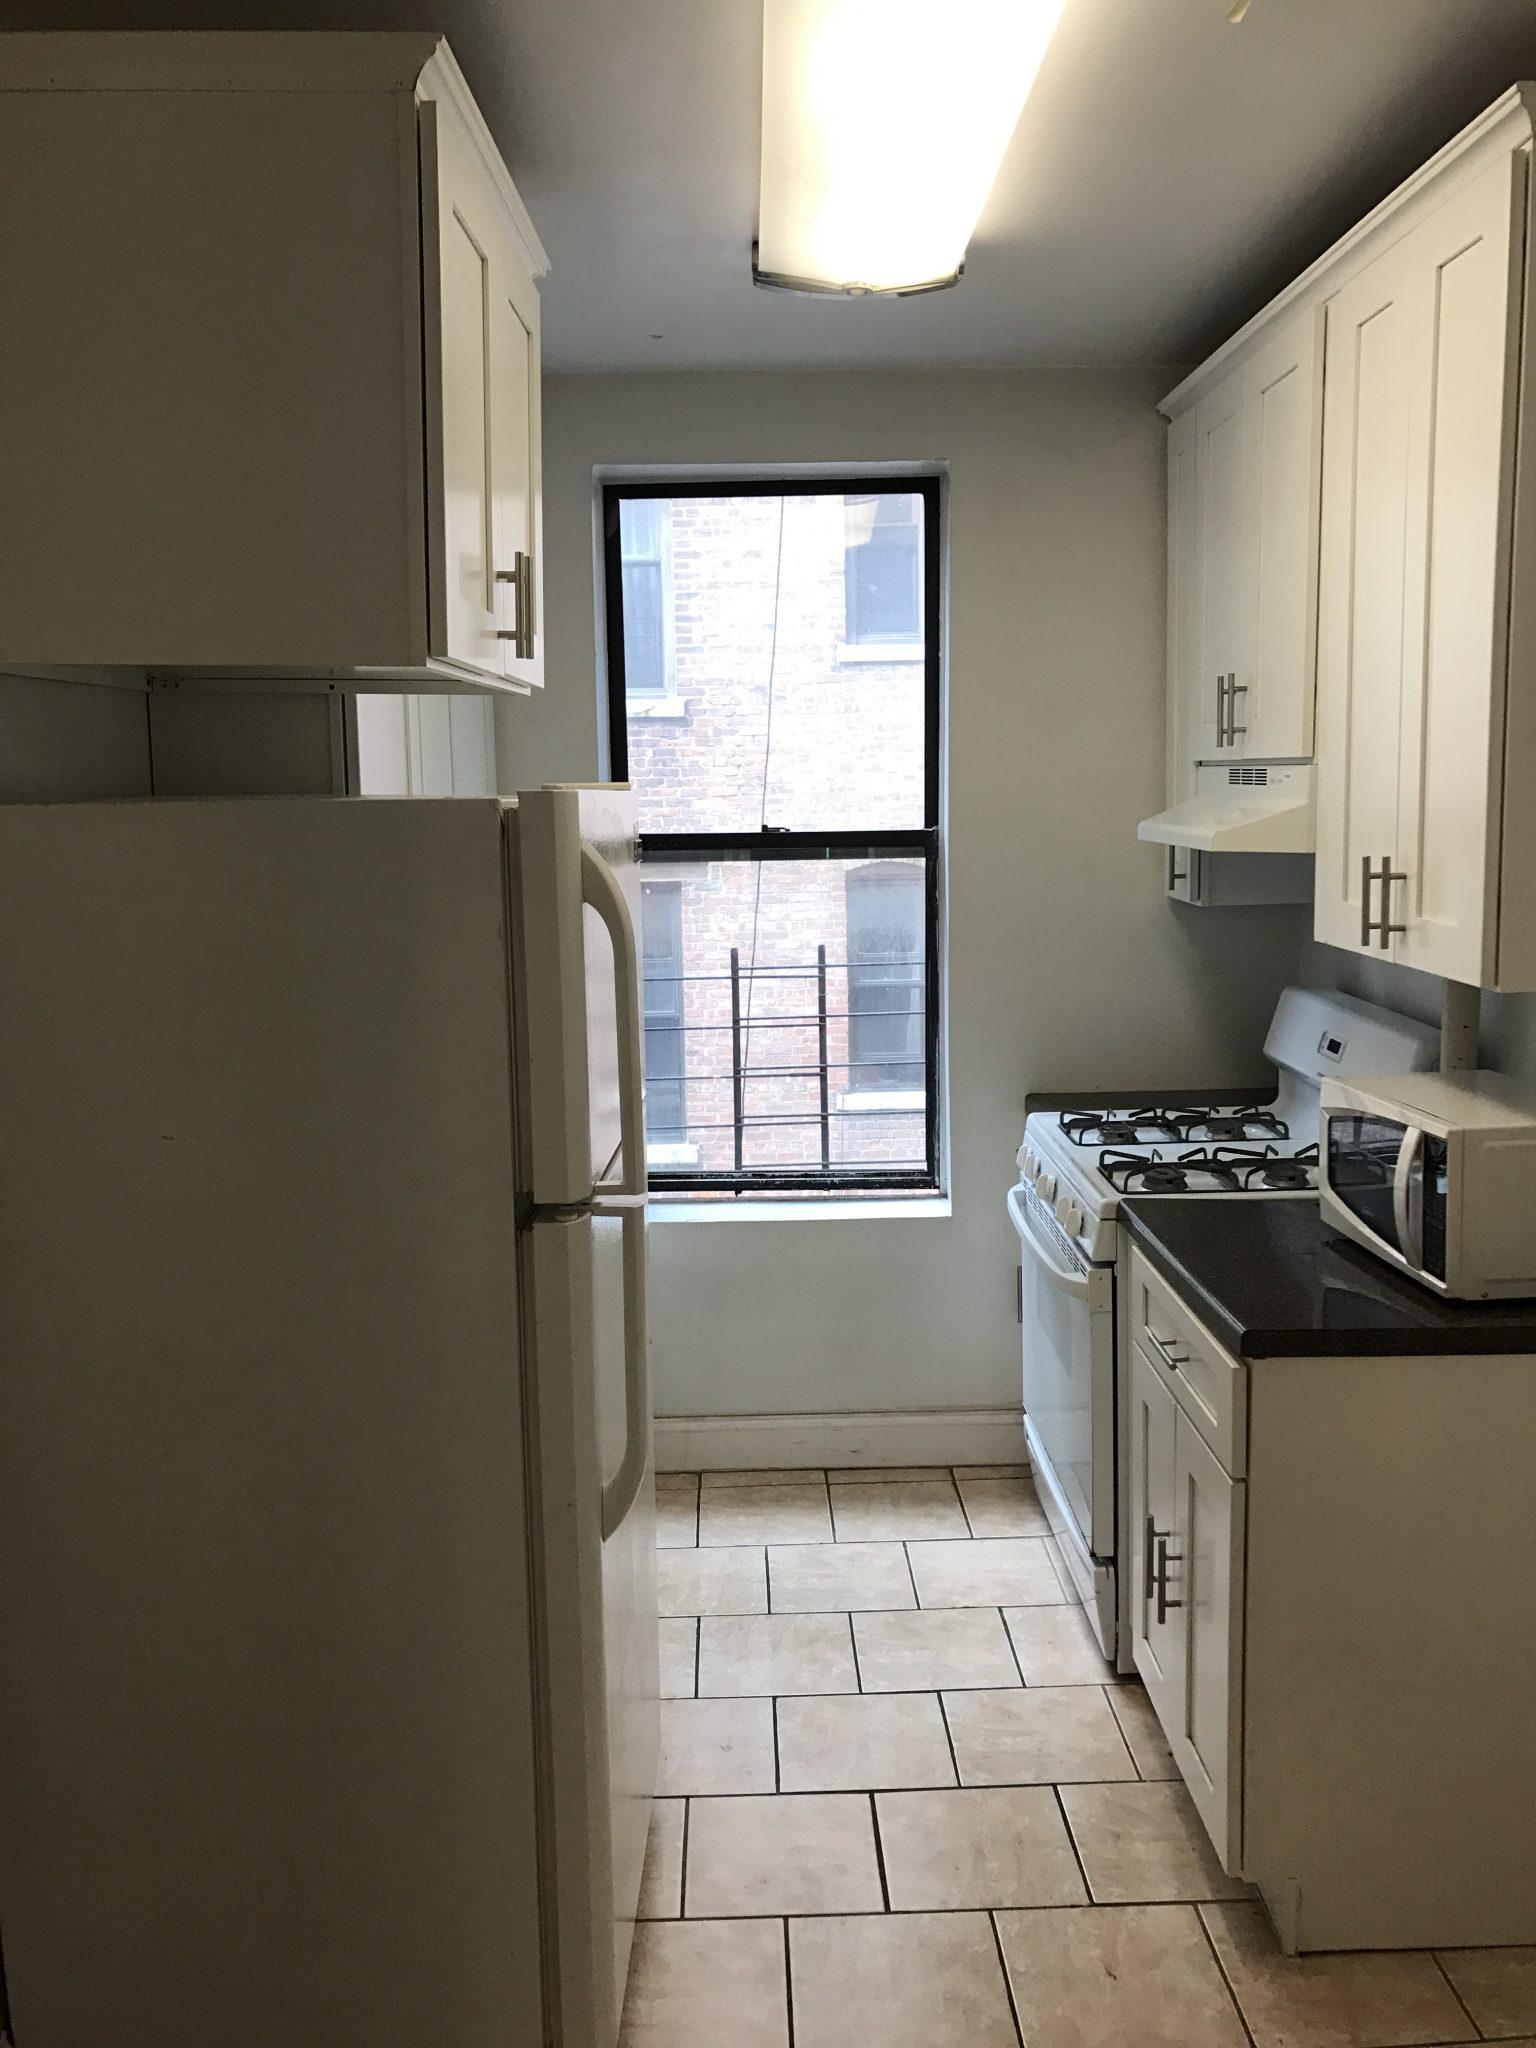 48 Pinehurst Avenue – Apt 32, New York, NY  10033